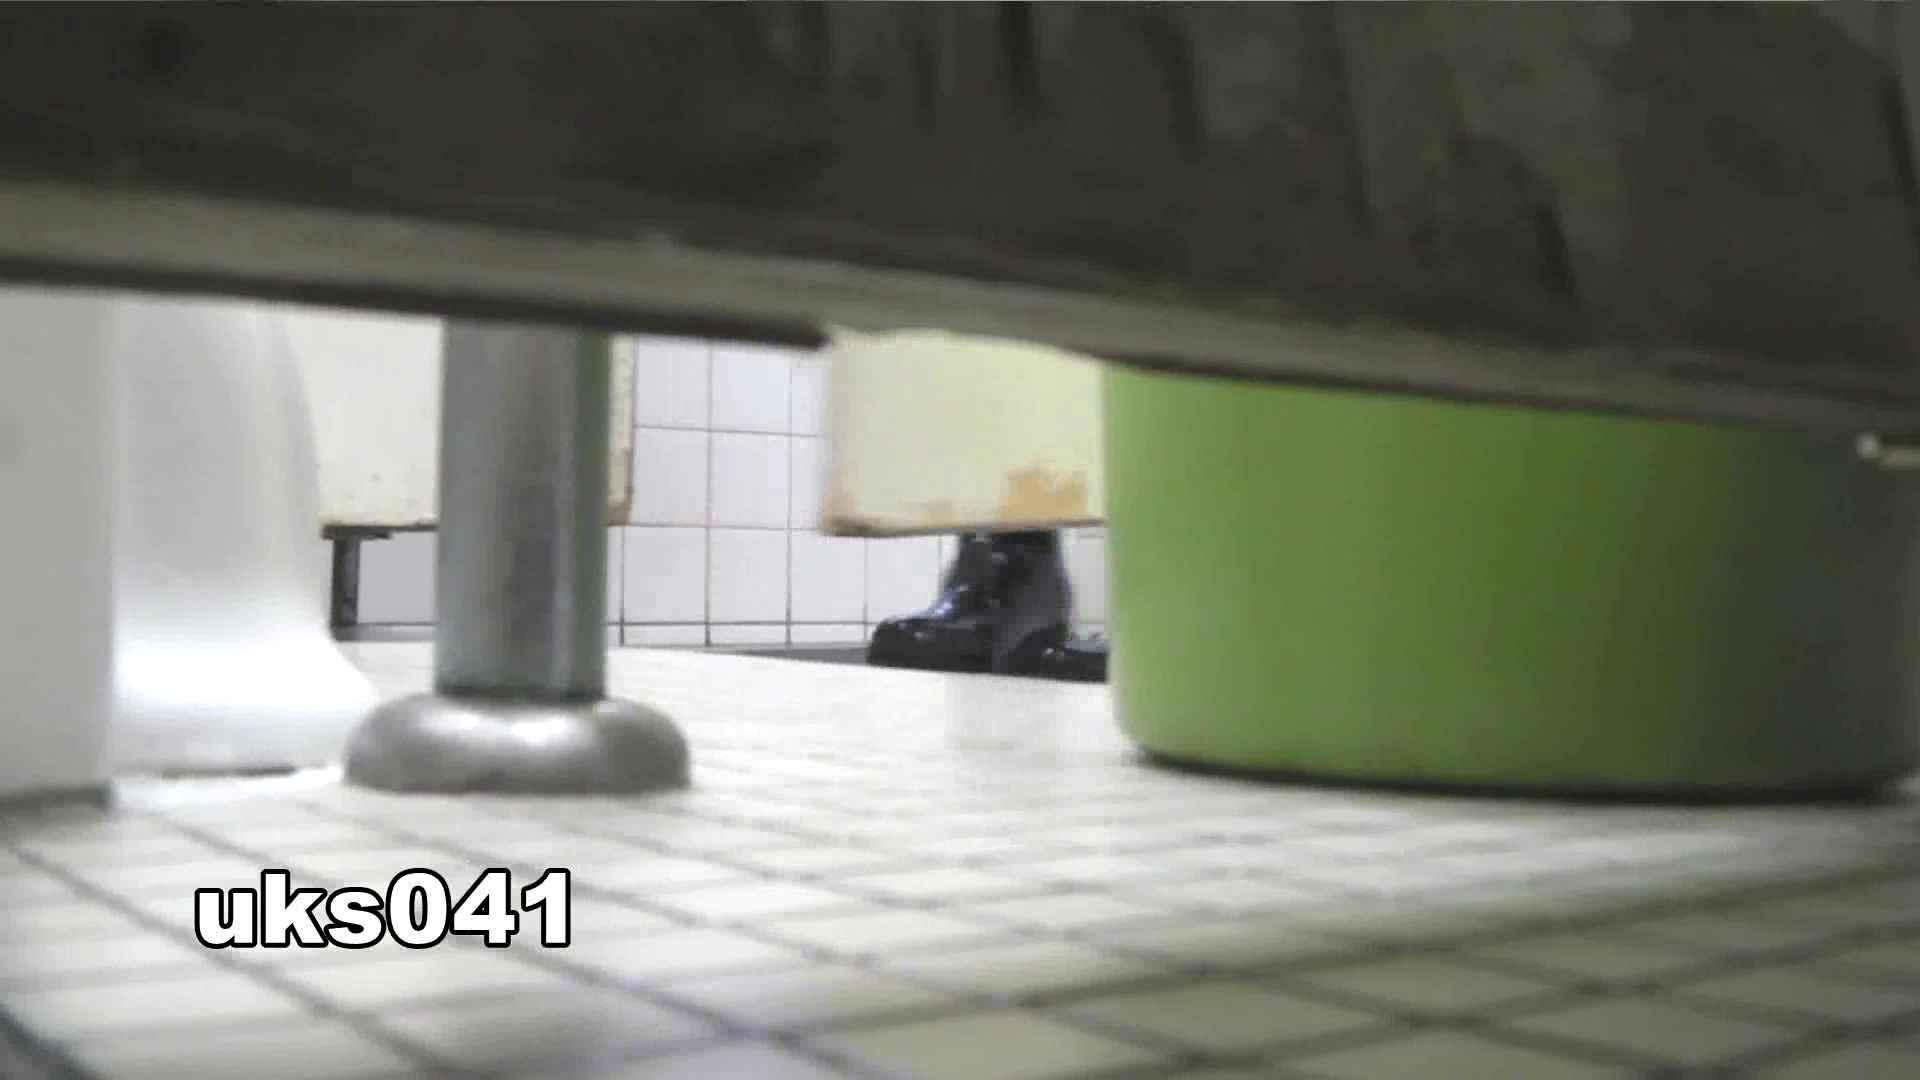 【美しき個室な世界】 vol.041 高評価 エロ画像 106画像 38